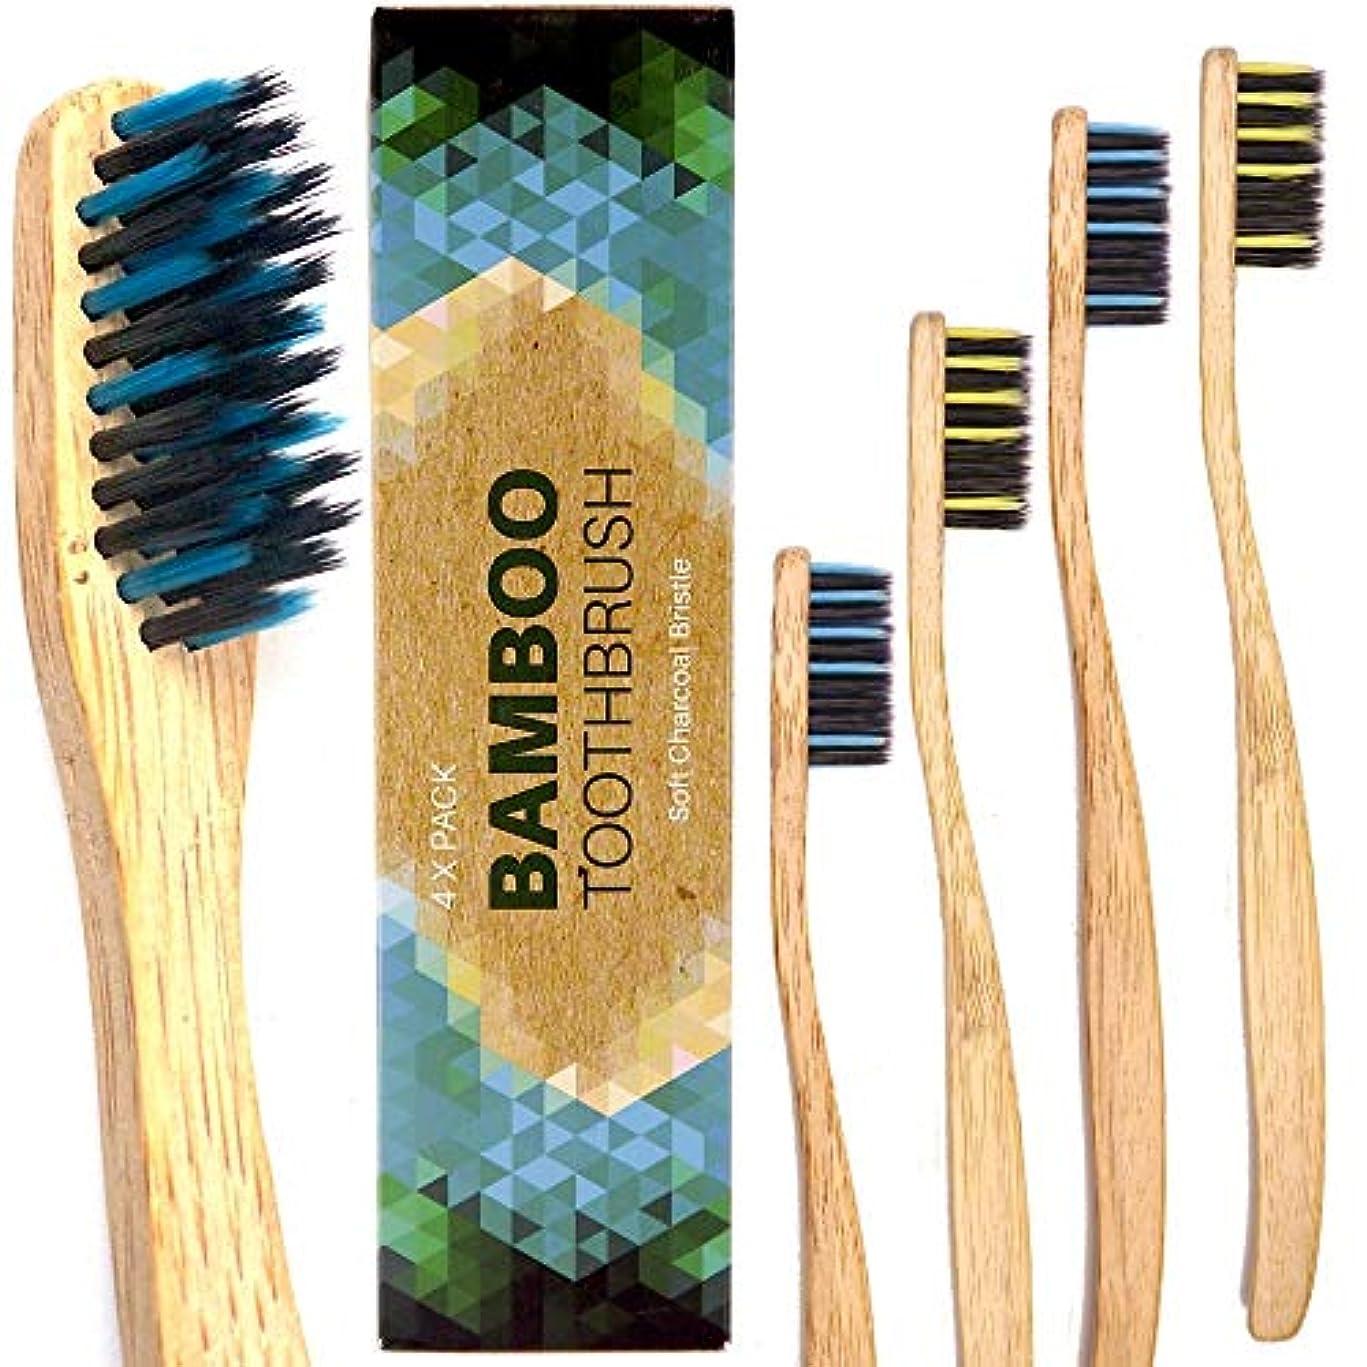 下線フラグラント珍しい竹製歯ブラシ。チャコールブリストル大人 - ミディアム及びソフト、生分解性、ビーガン、バイオ、エコ、持続可能な木製ハンドル4本パック4 Bamboo Toothbrushes, ホワイトニング 歯, ドイツの品質, 竹歯ブラシ